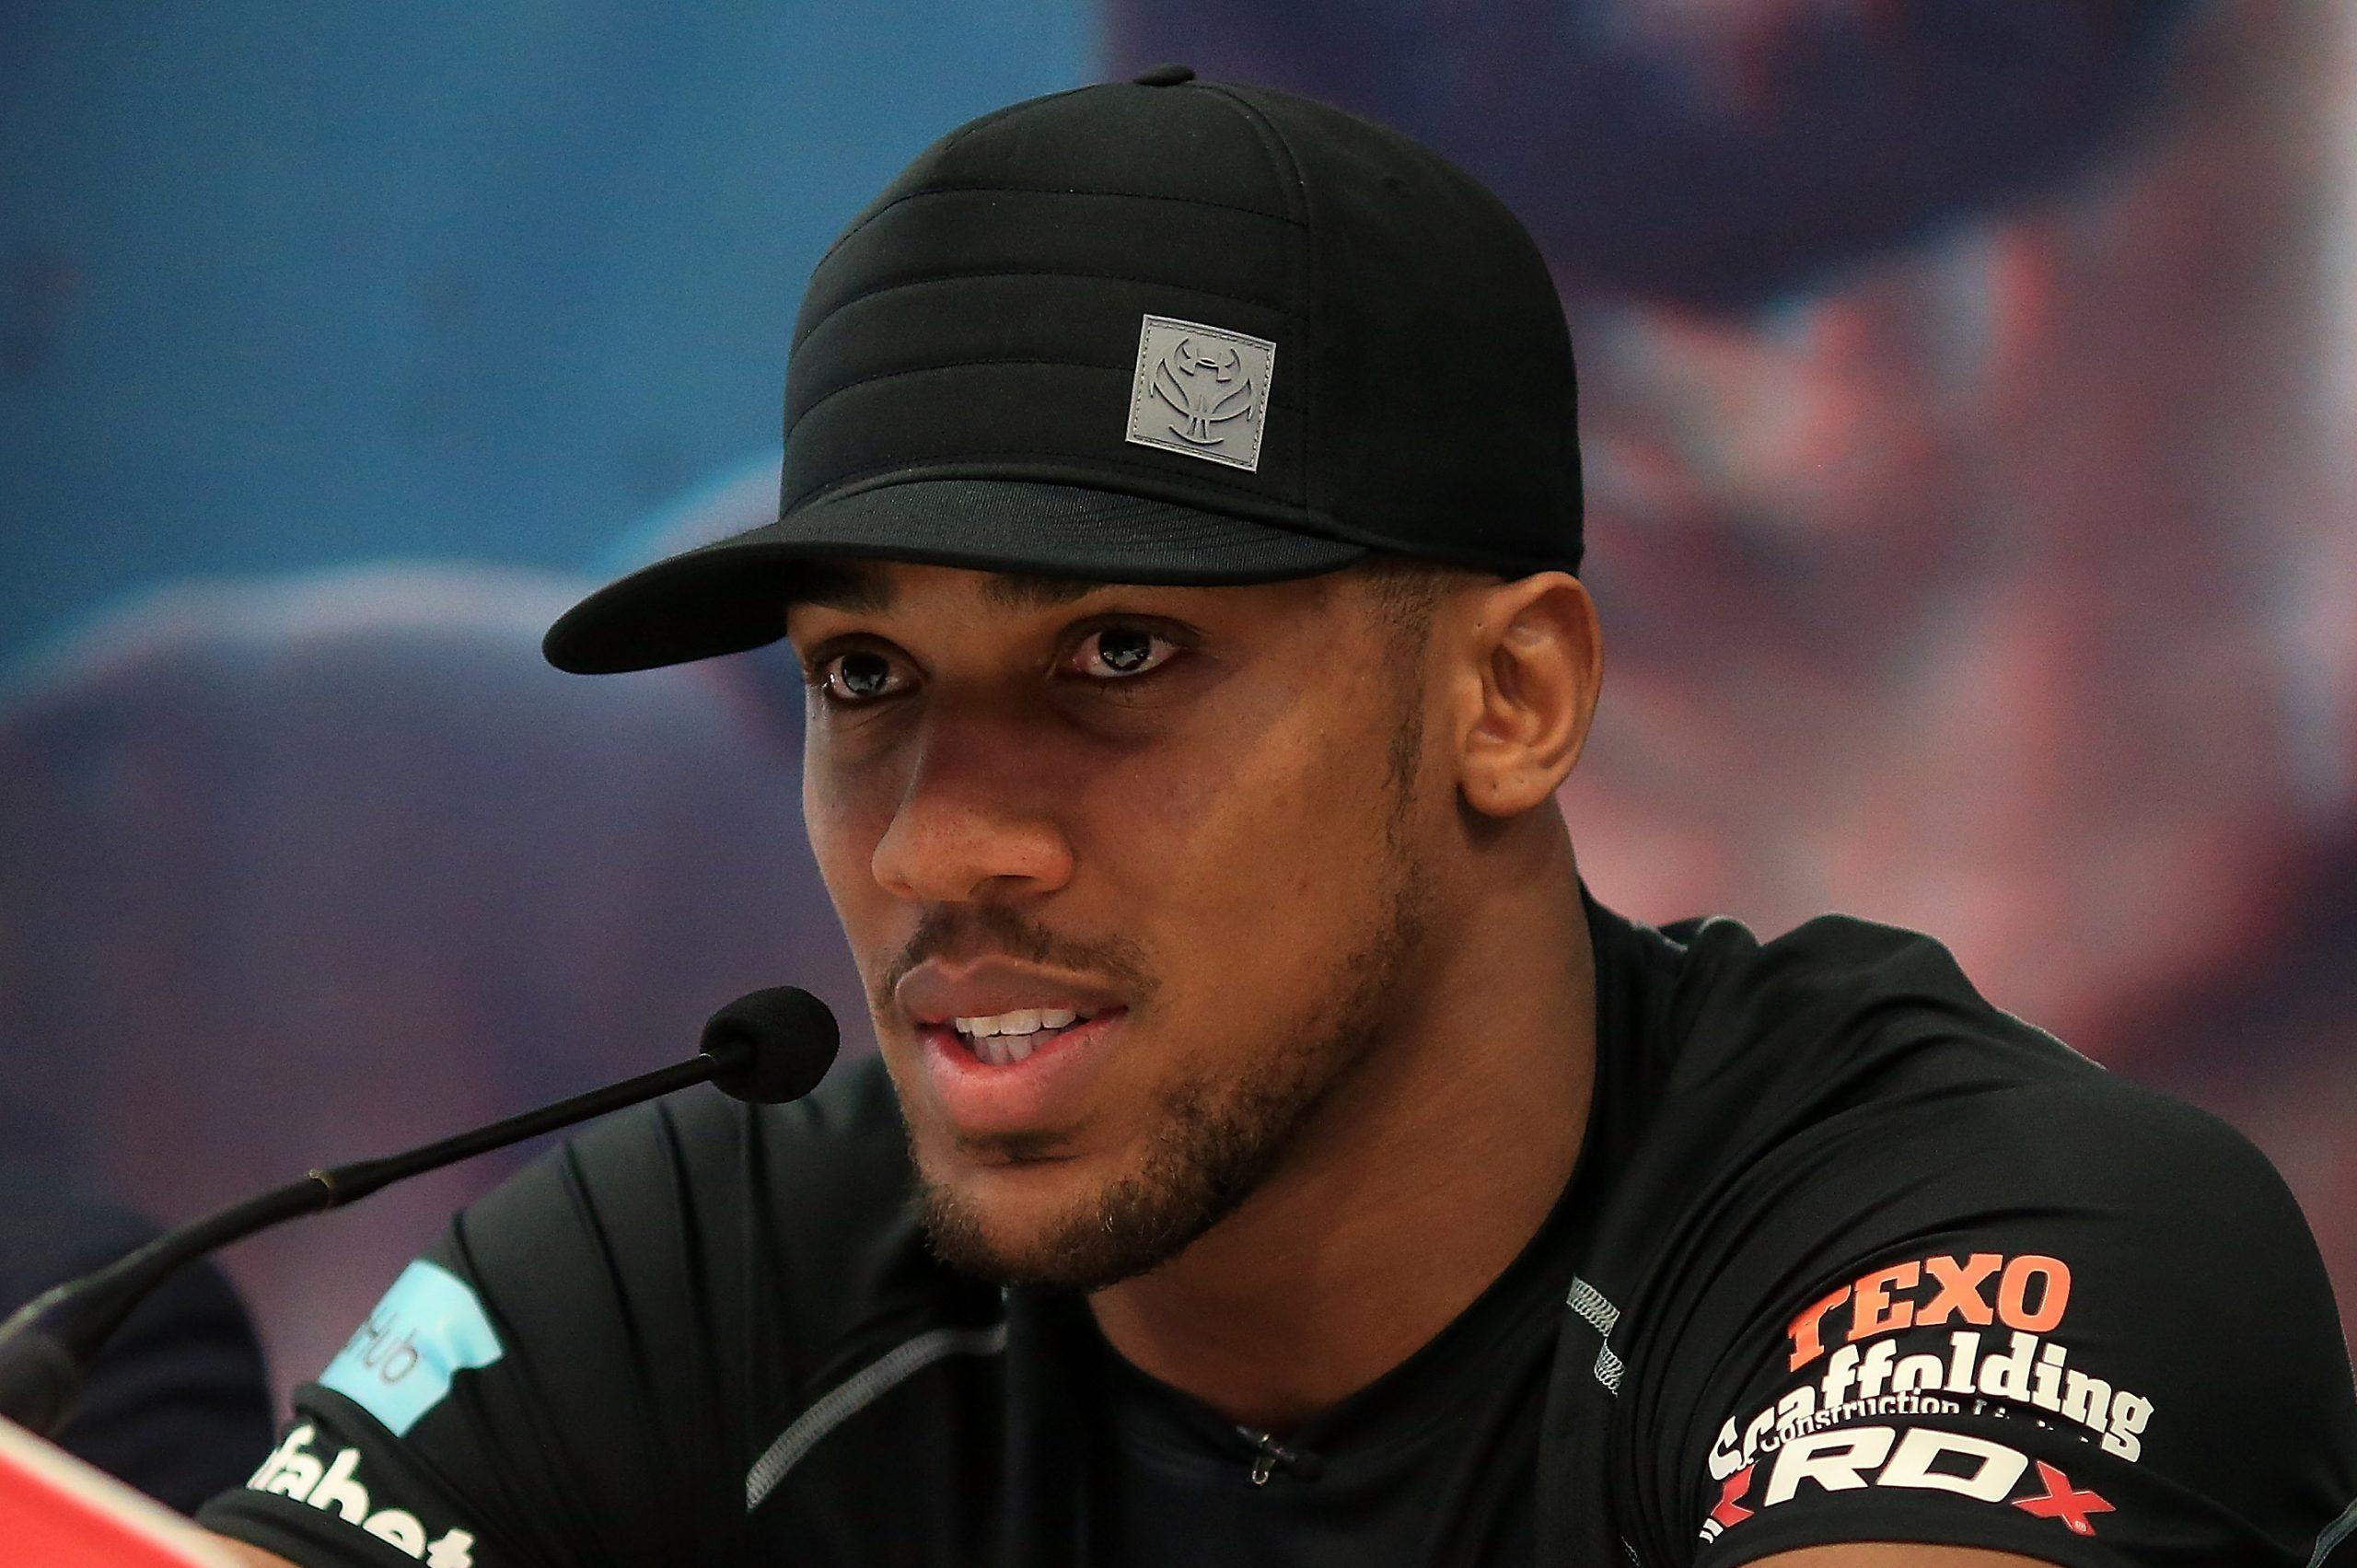 Joshua le dice a Fury que está listo para dos peleas masivas de peso pesado el próximo año